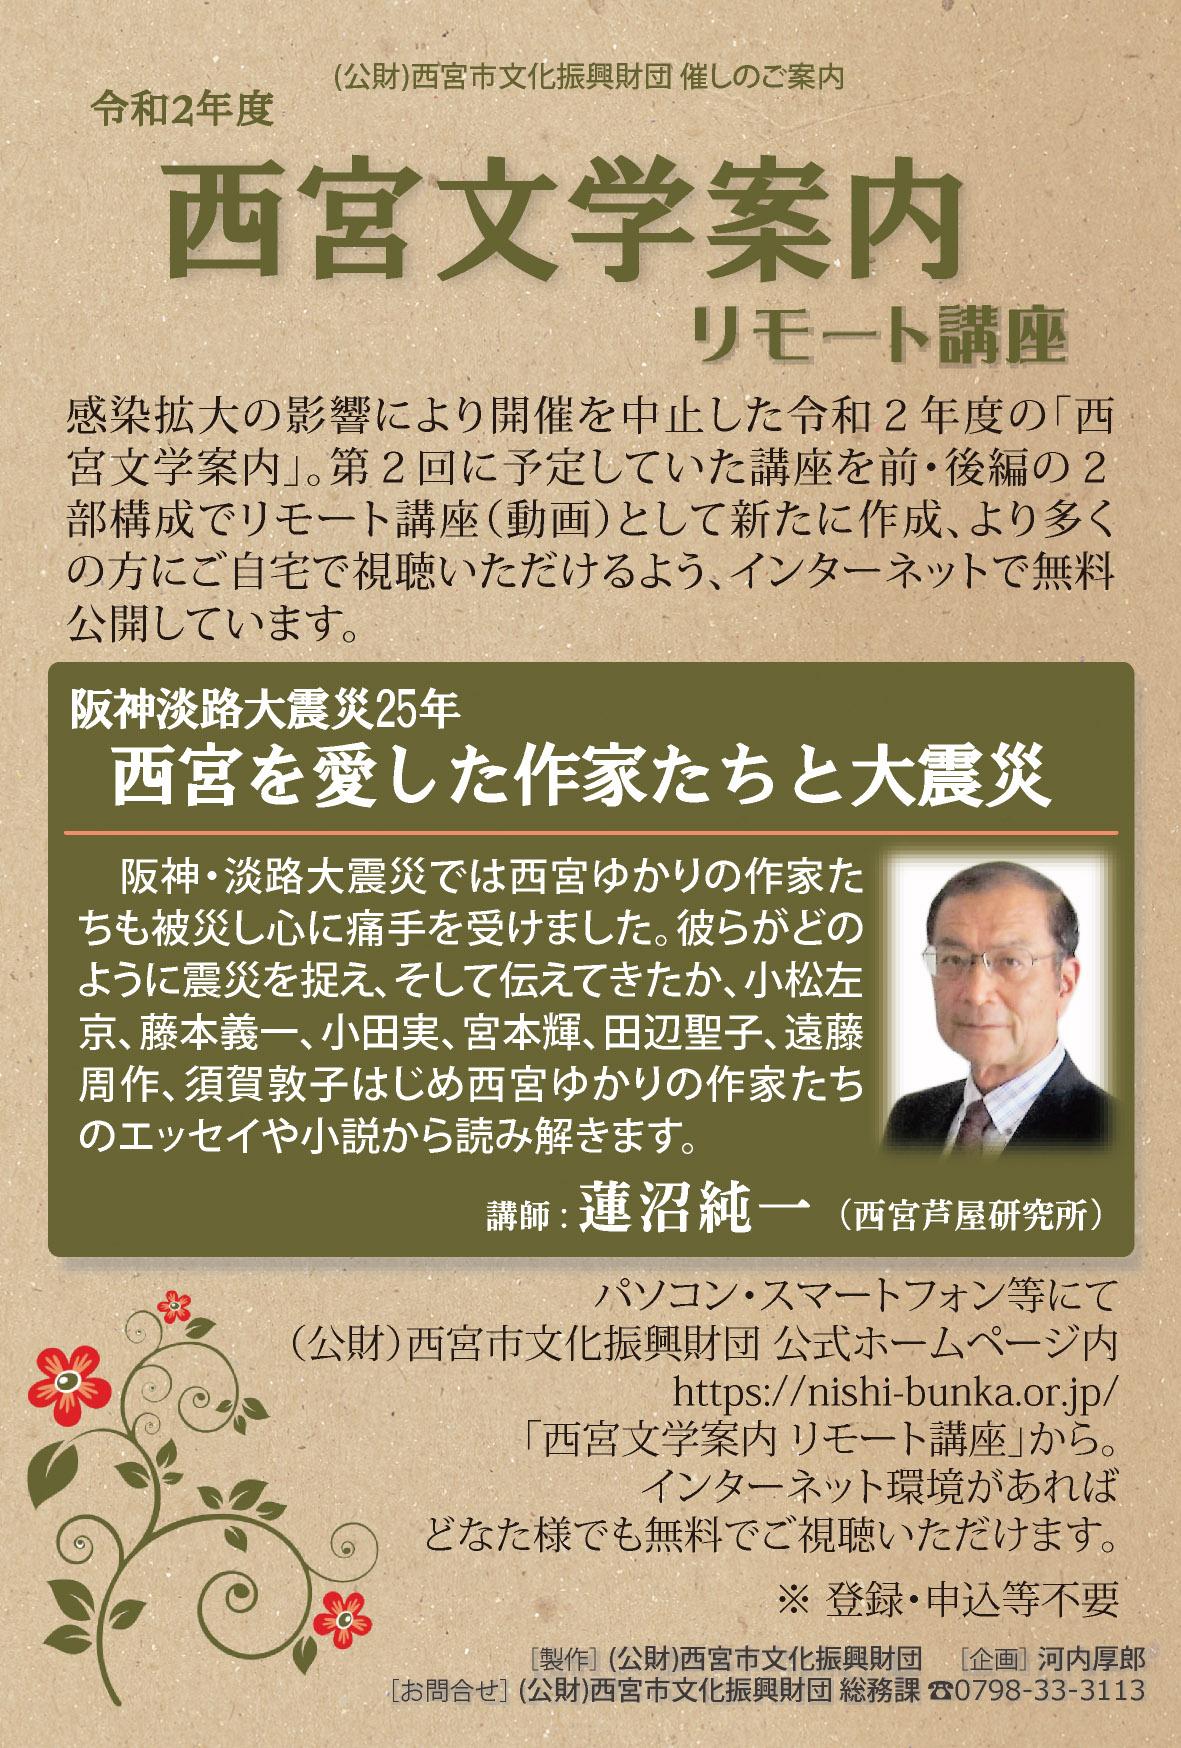 西宮文学案内 リモート講座<br>阪神淡路大震災25年 西宮を愛した作家たちと大震災